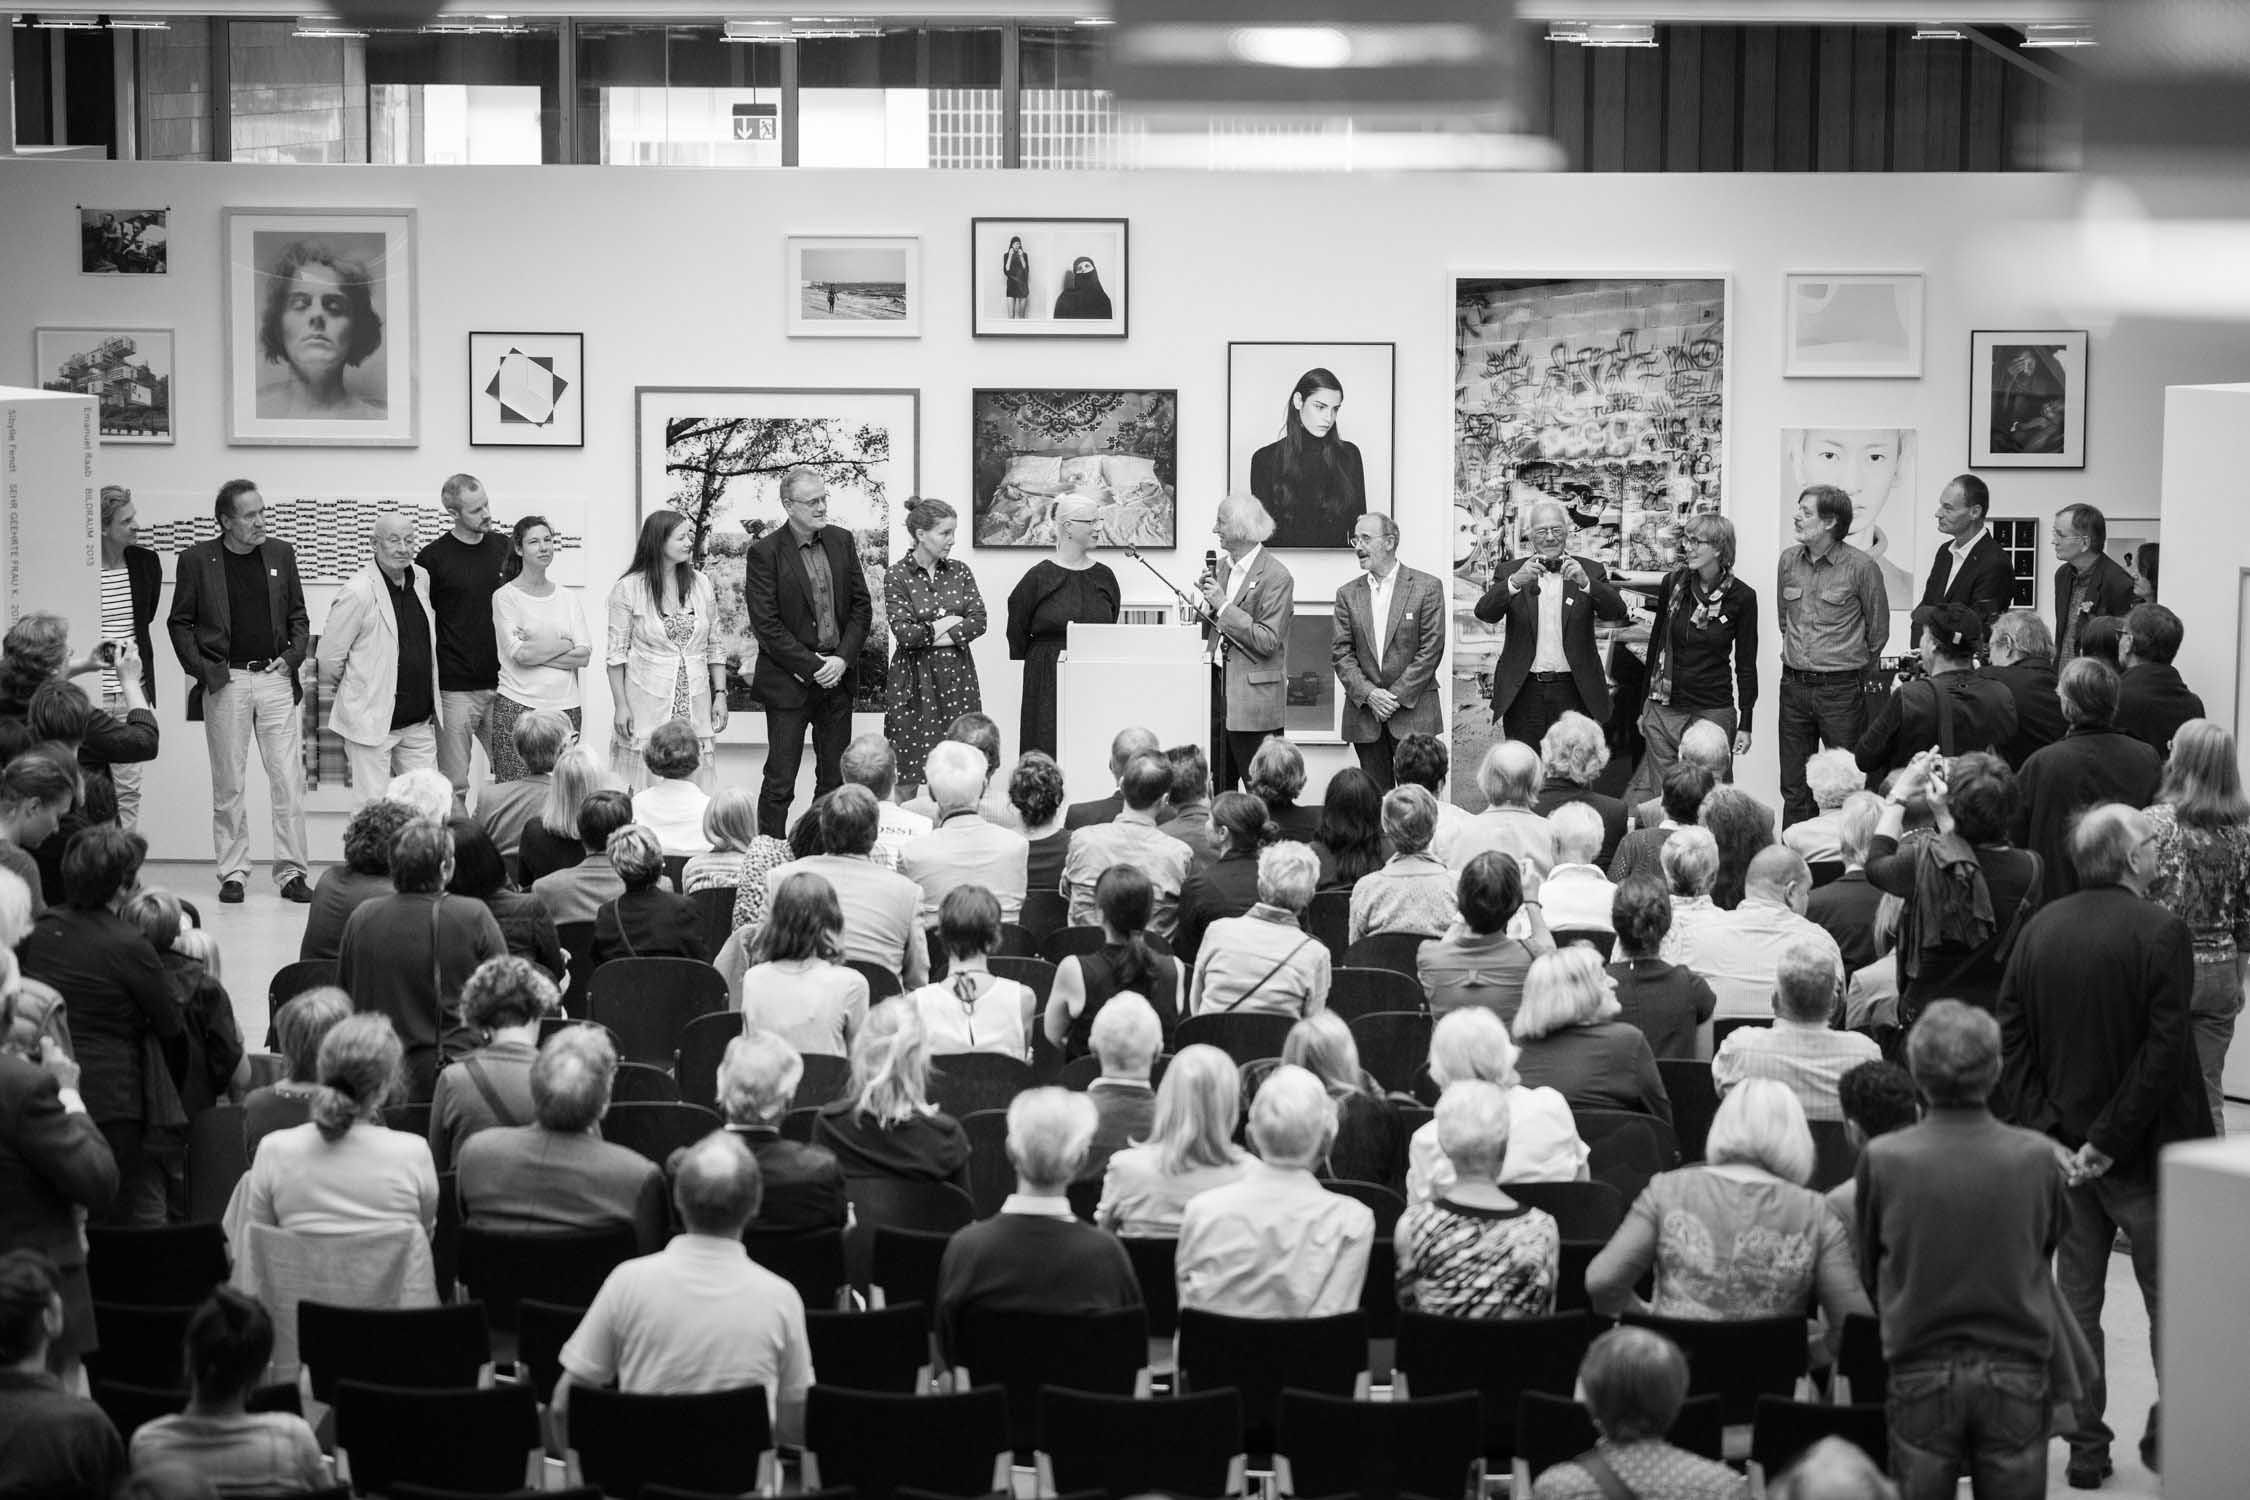 die bielefelder schule vernissage eröffnung besucher rede publikum ausstellung bielefeld fh gestaltung jörn strojny